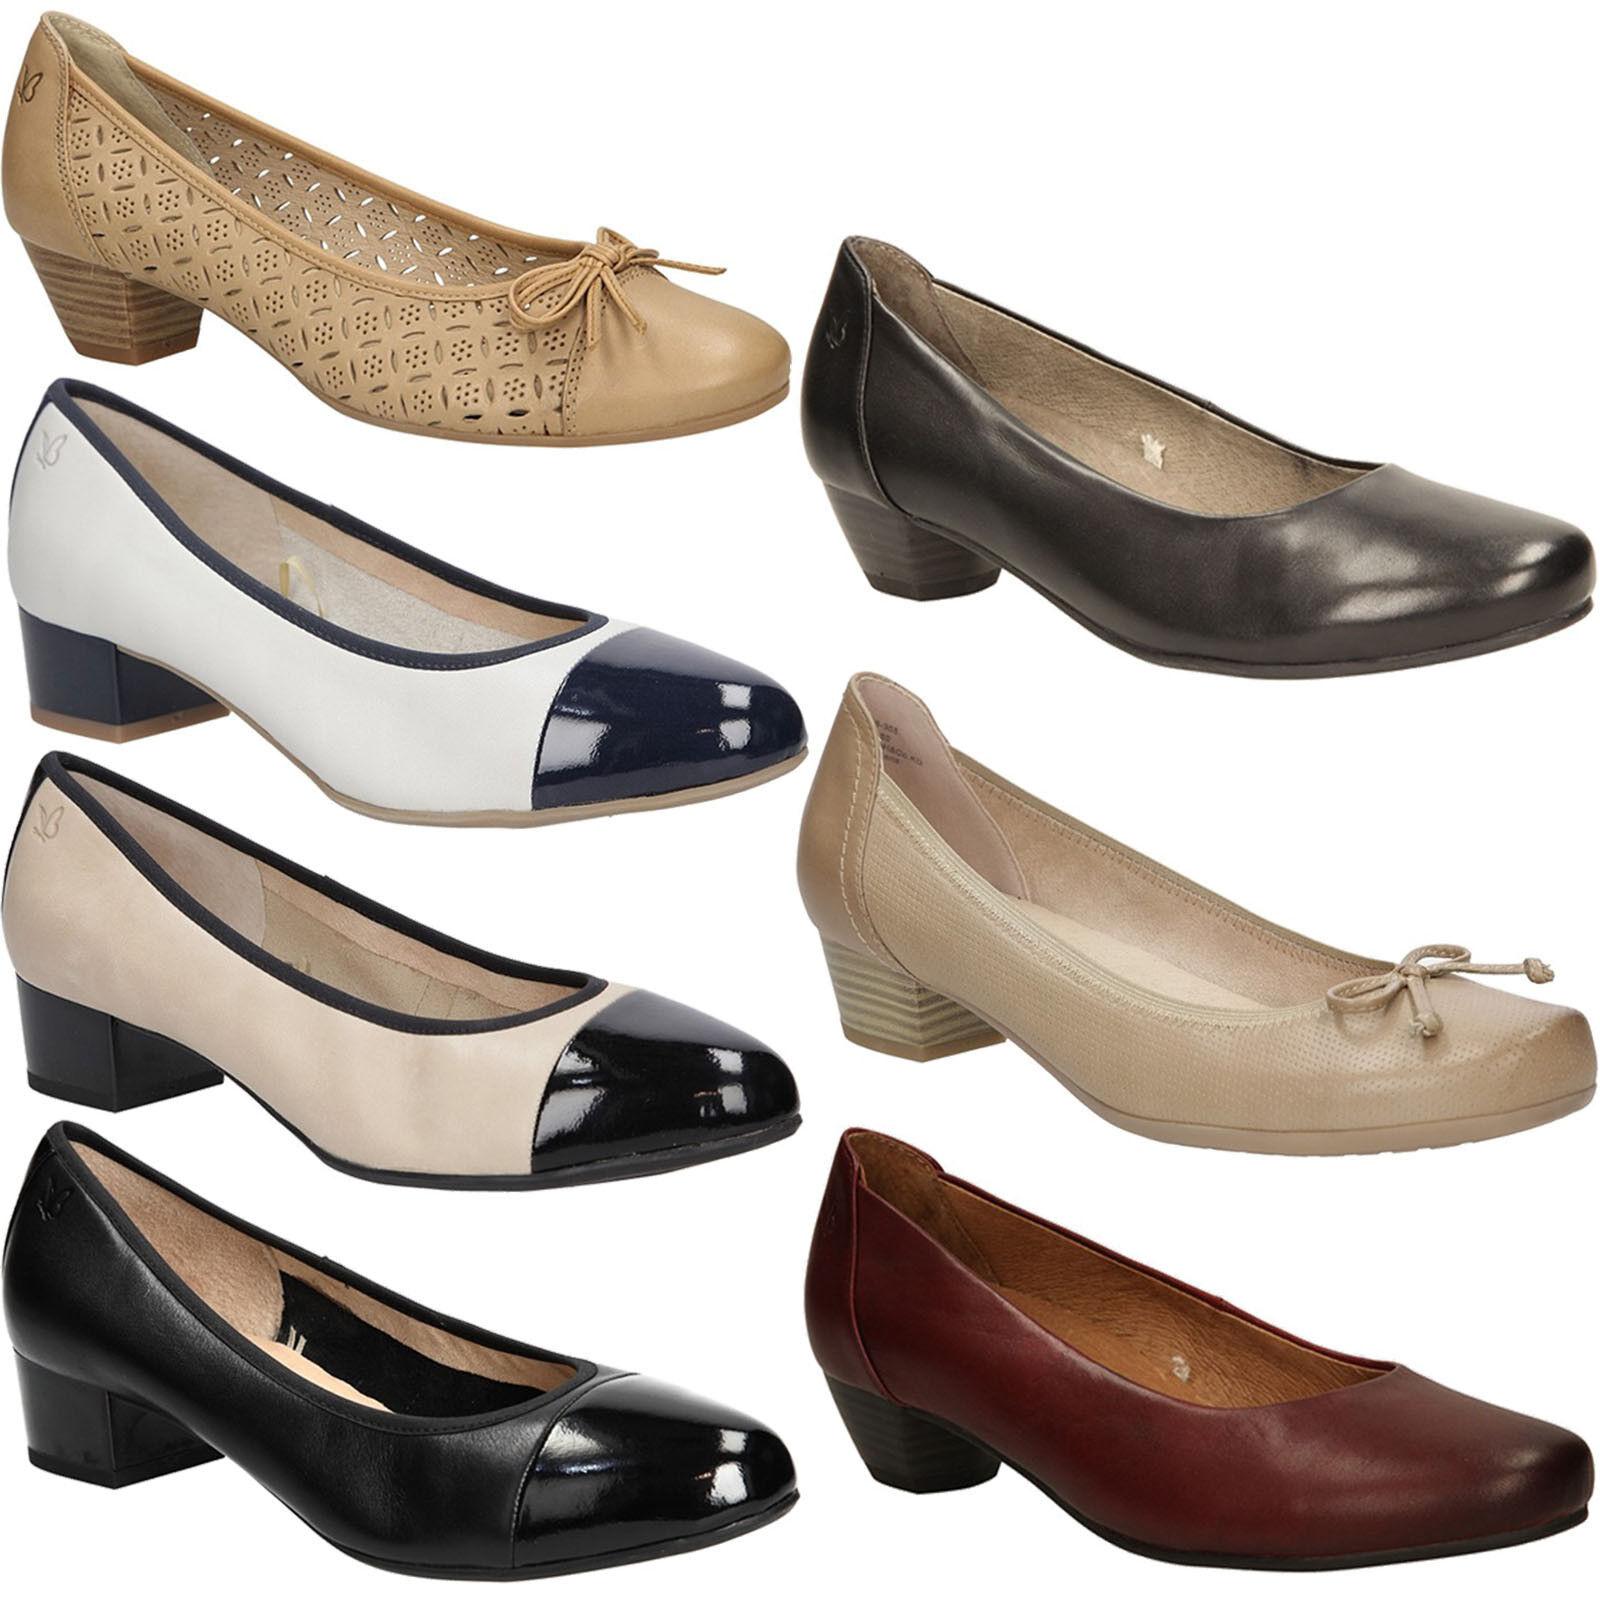 Damen Schuhe Gr.36-42 Pumps Caprice Slipper Halbschuhe Komfortable Elegant Gr.36-42 Schuhe NEU a2389b